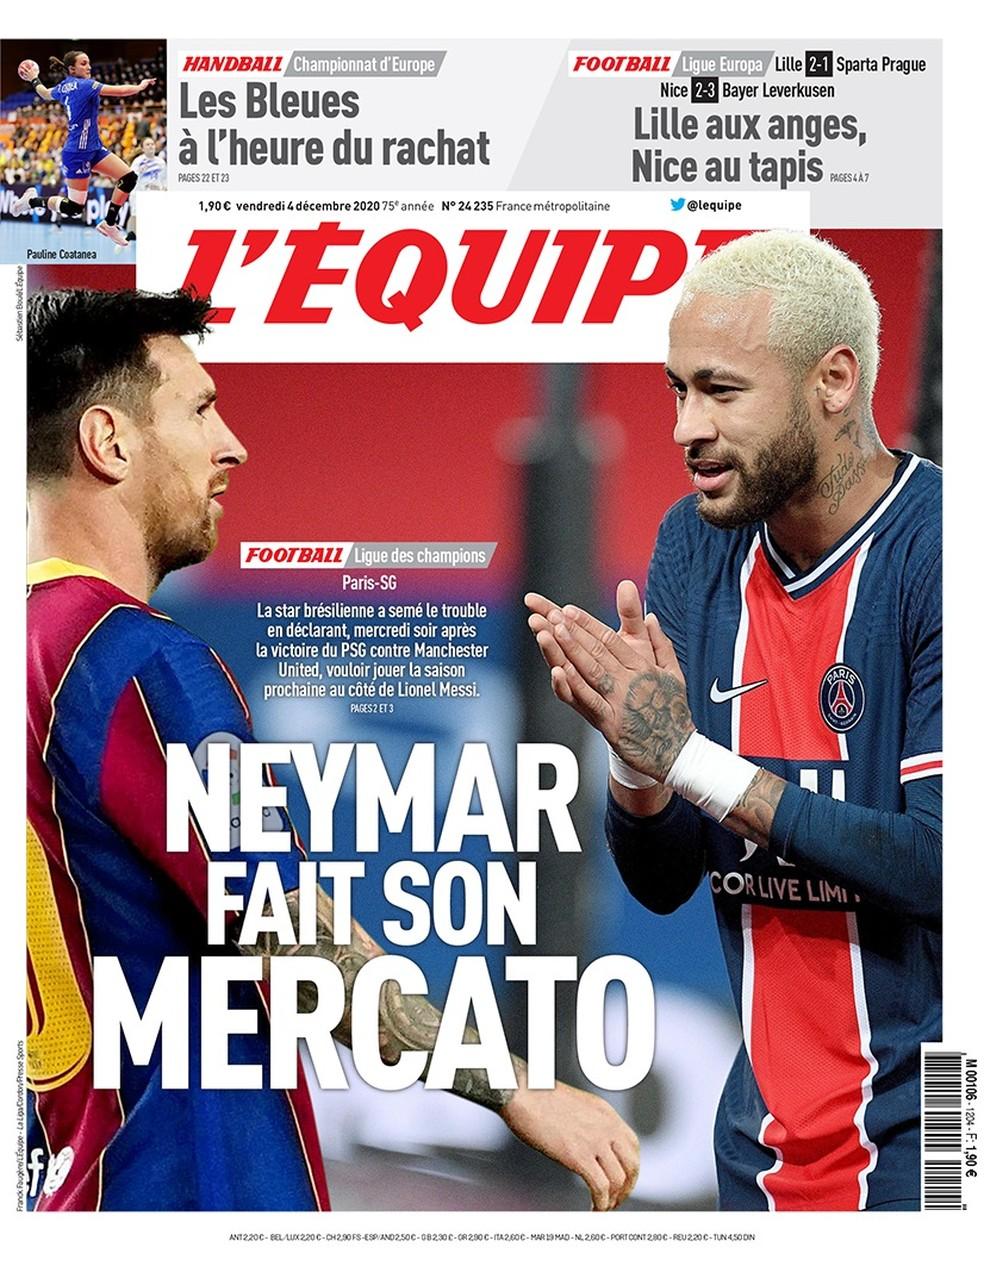 """Capa do """"L'Equipe"""": """"Neymar agita o mercado"""" — Foto: Reprodução/L'Equipe"""